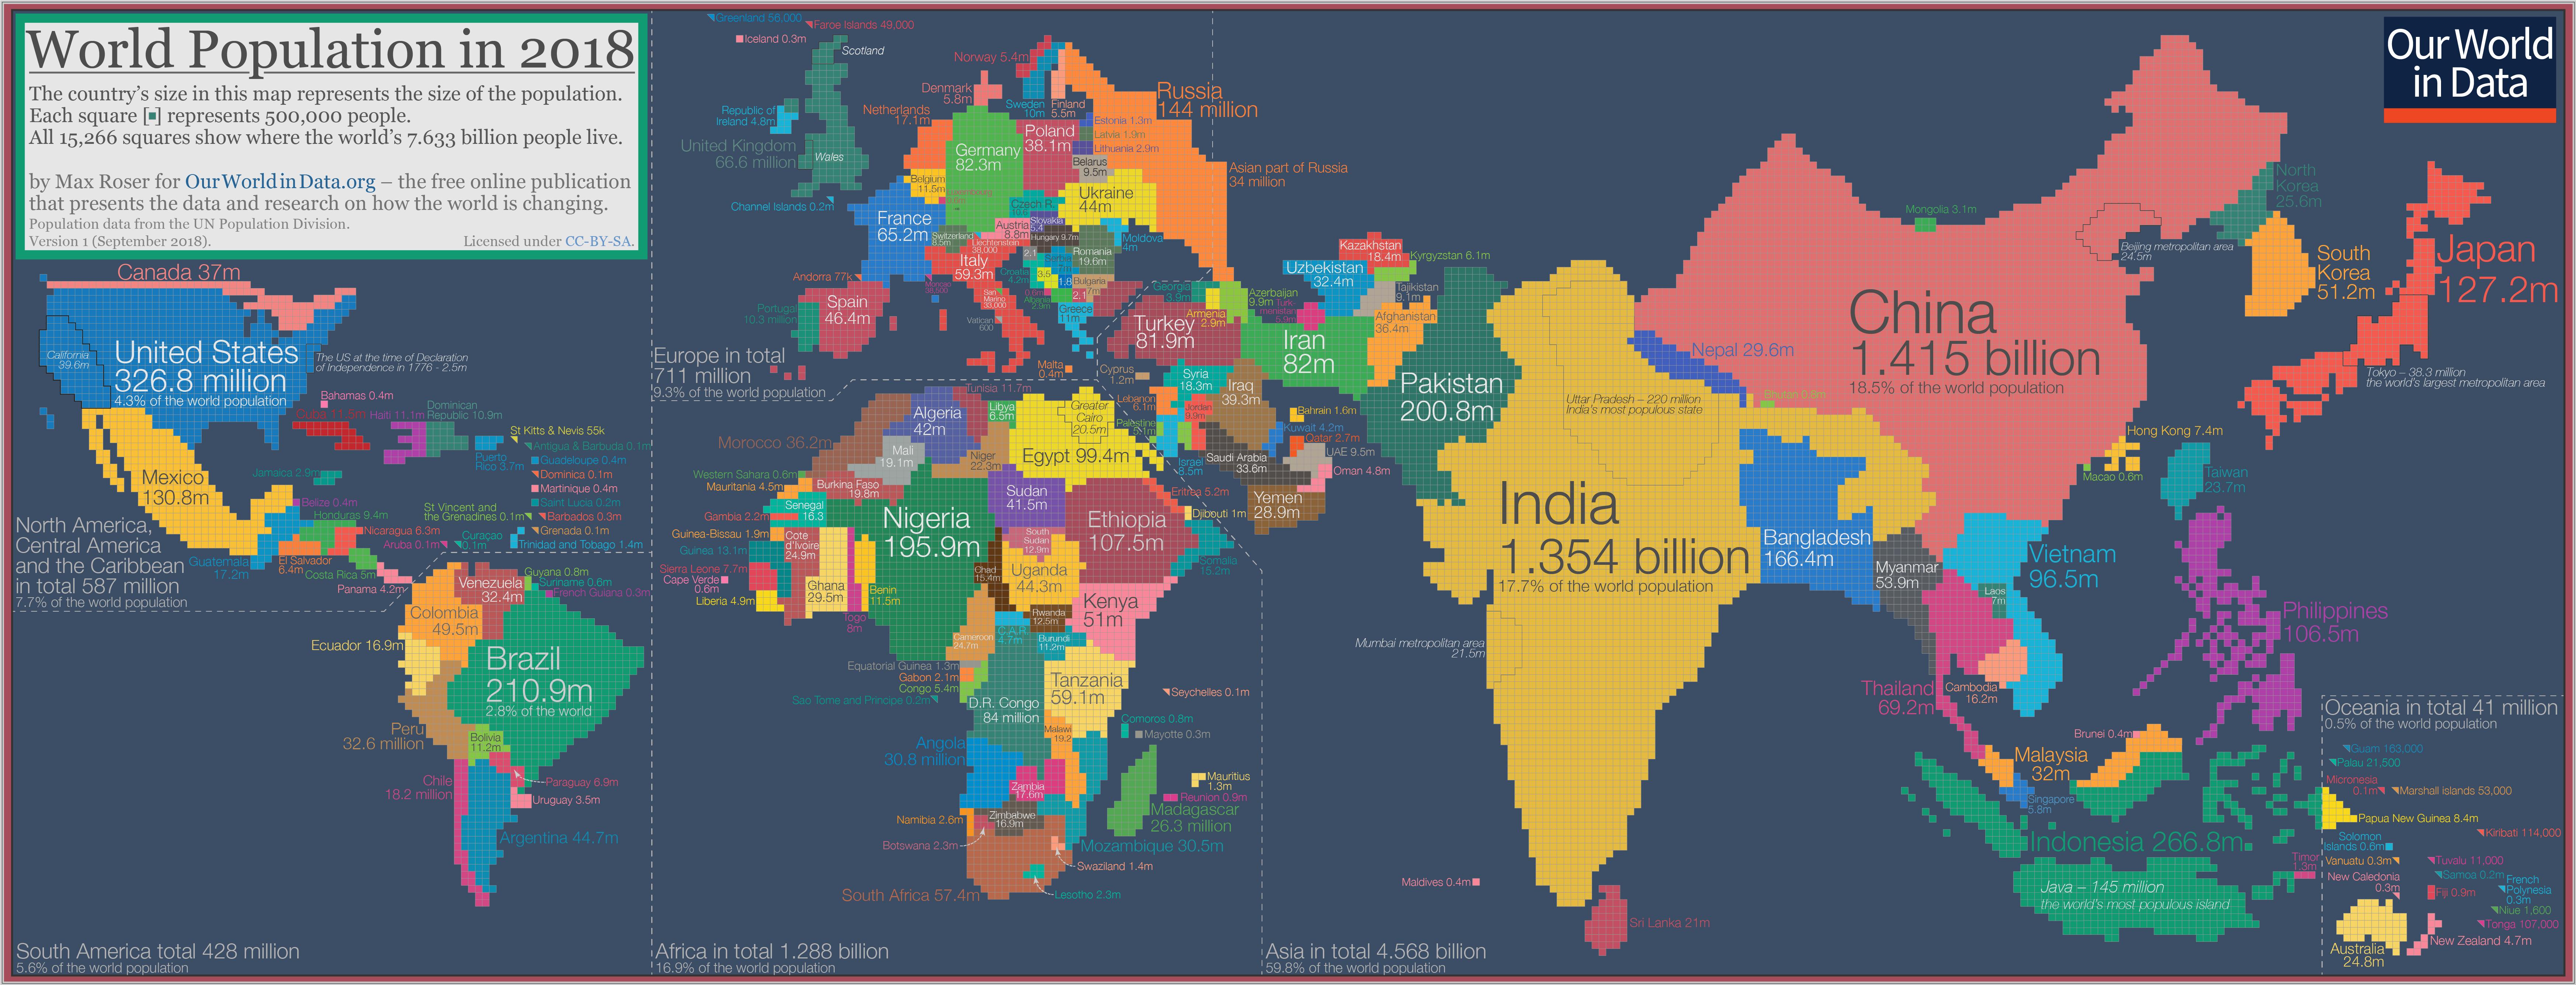 Mapa do Mundo de acordo com a população de cada país